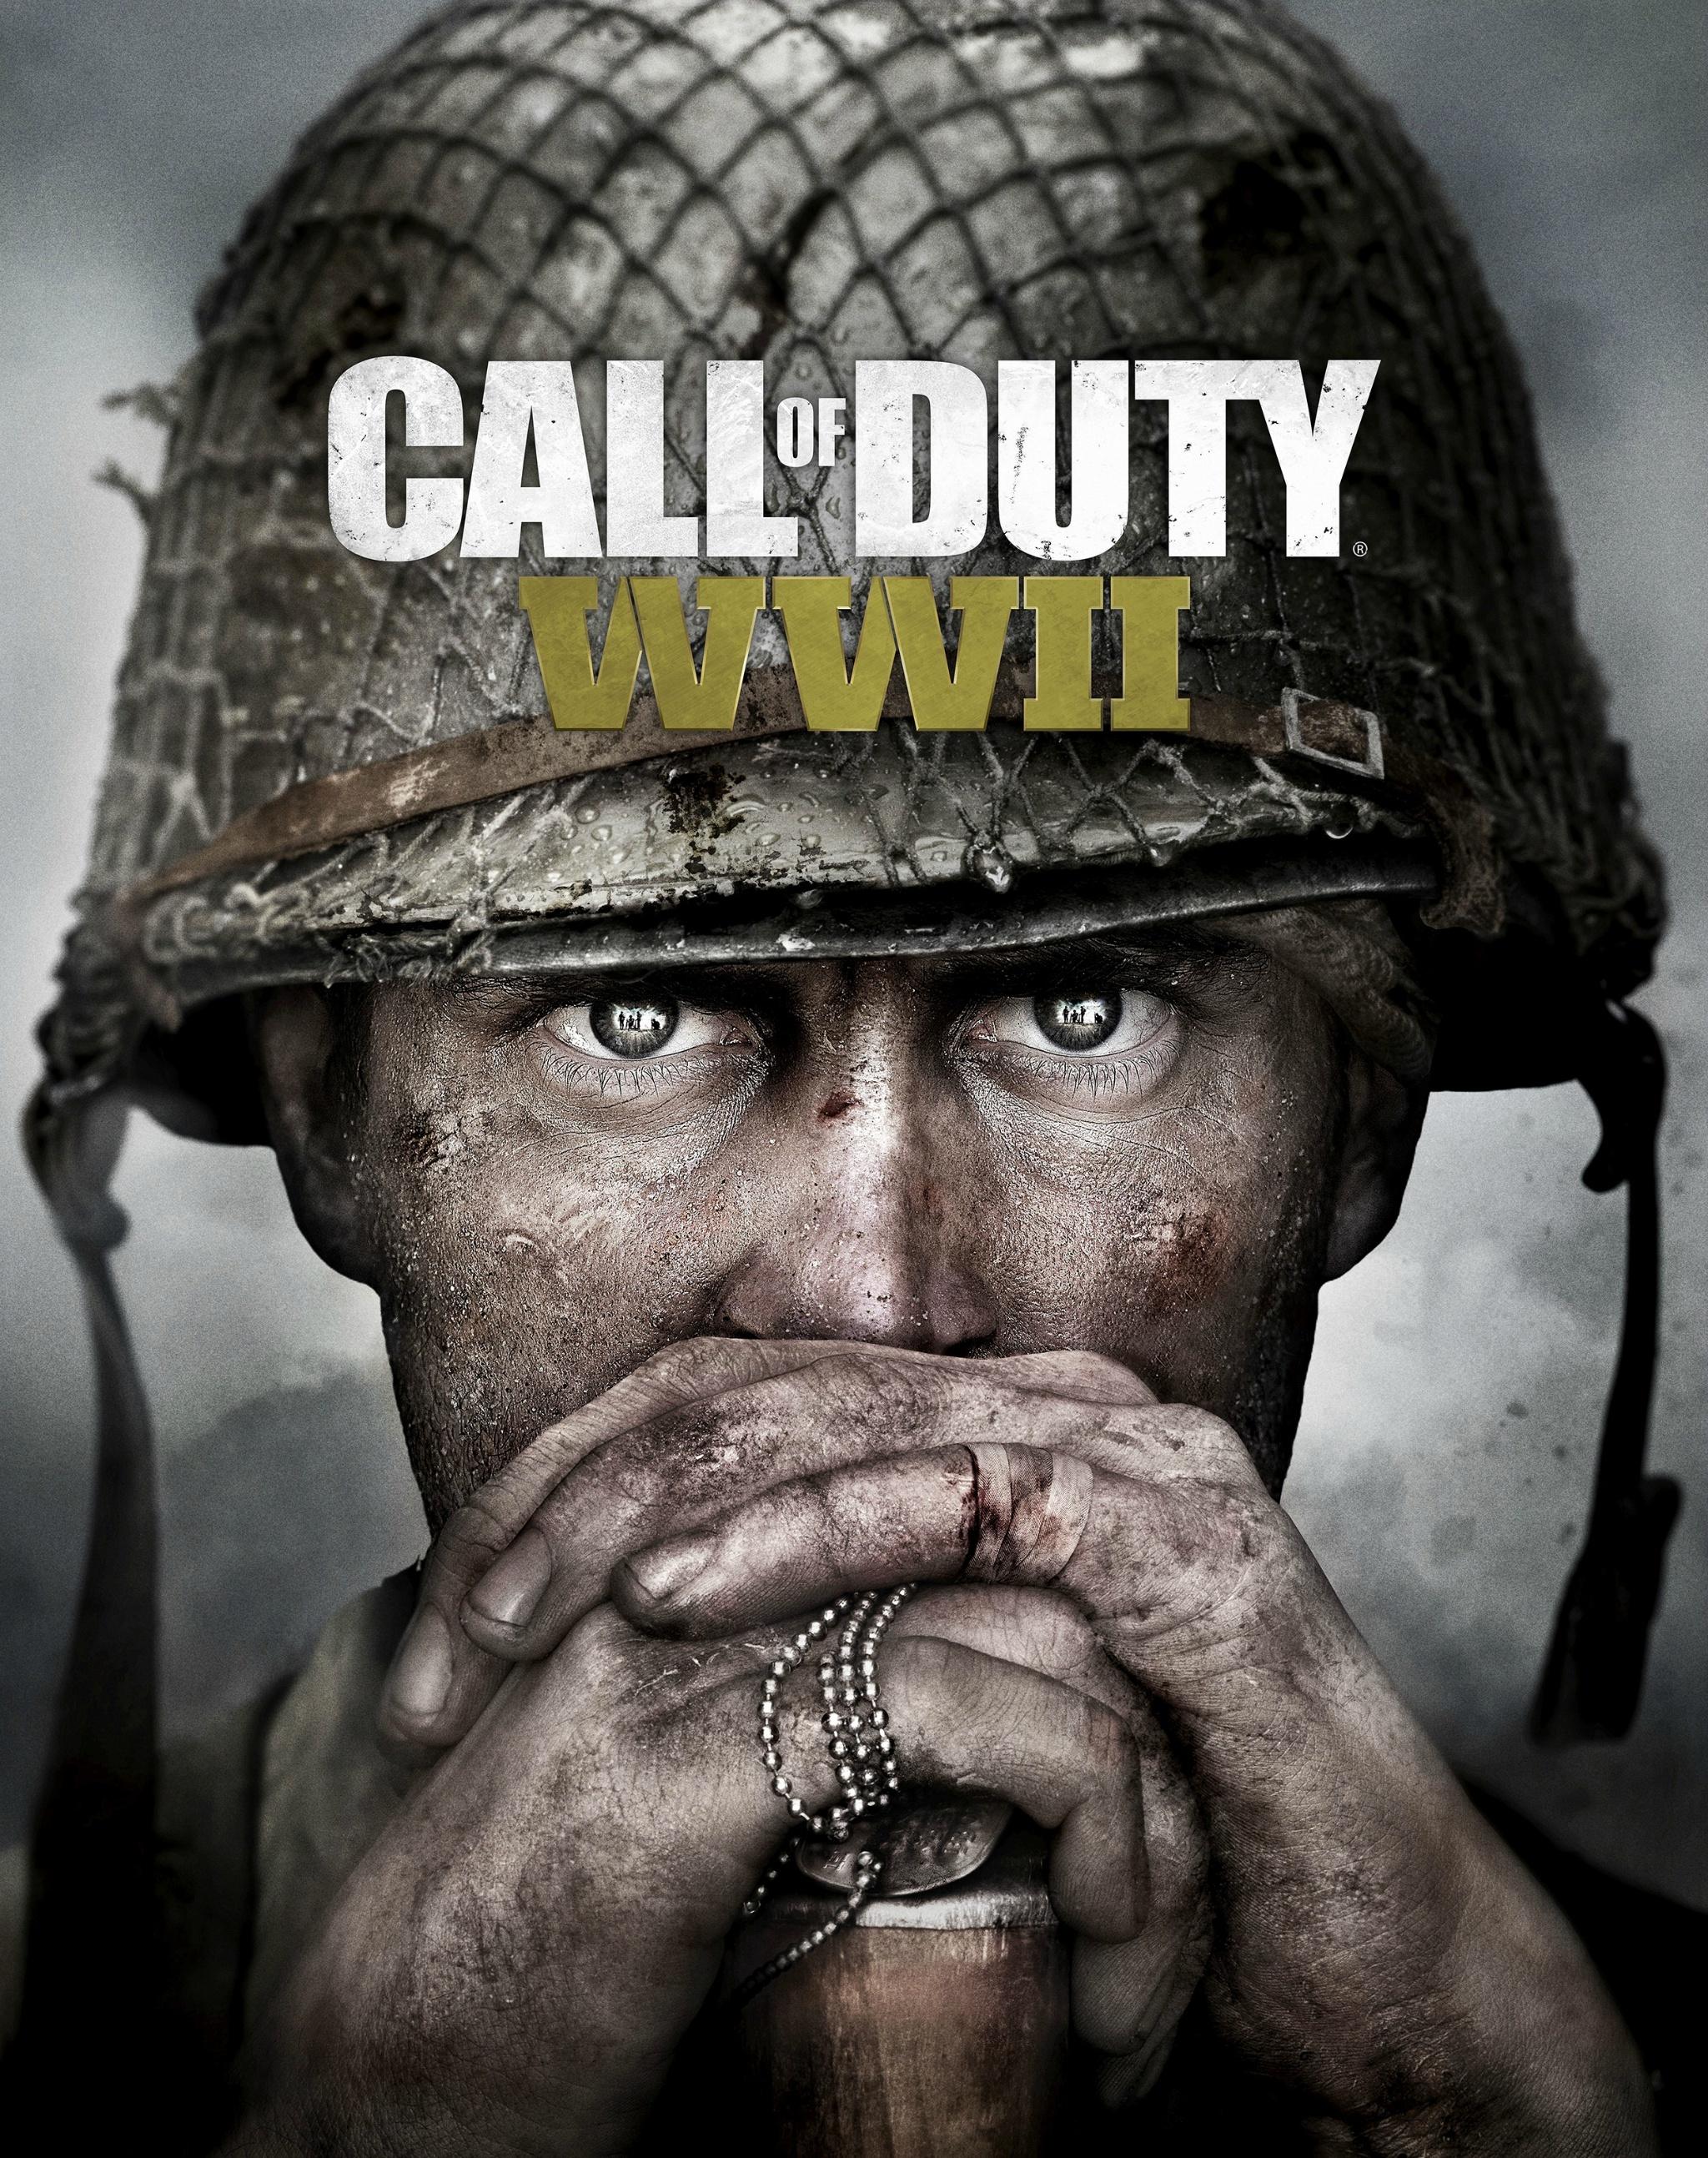 使命召唤二战将于11月3日发售 最逼真写实的二战游戏